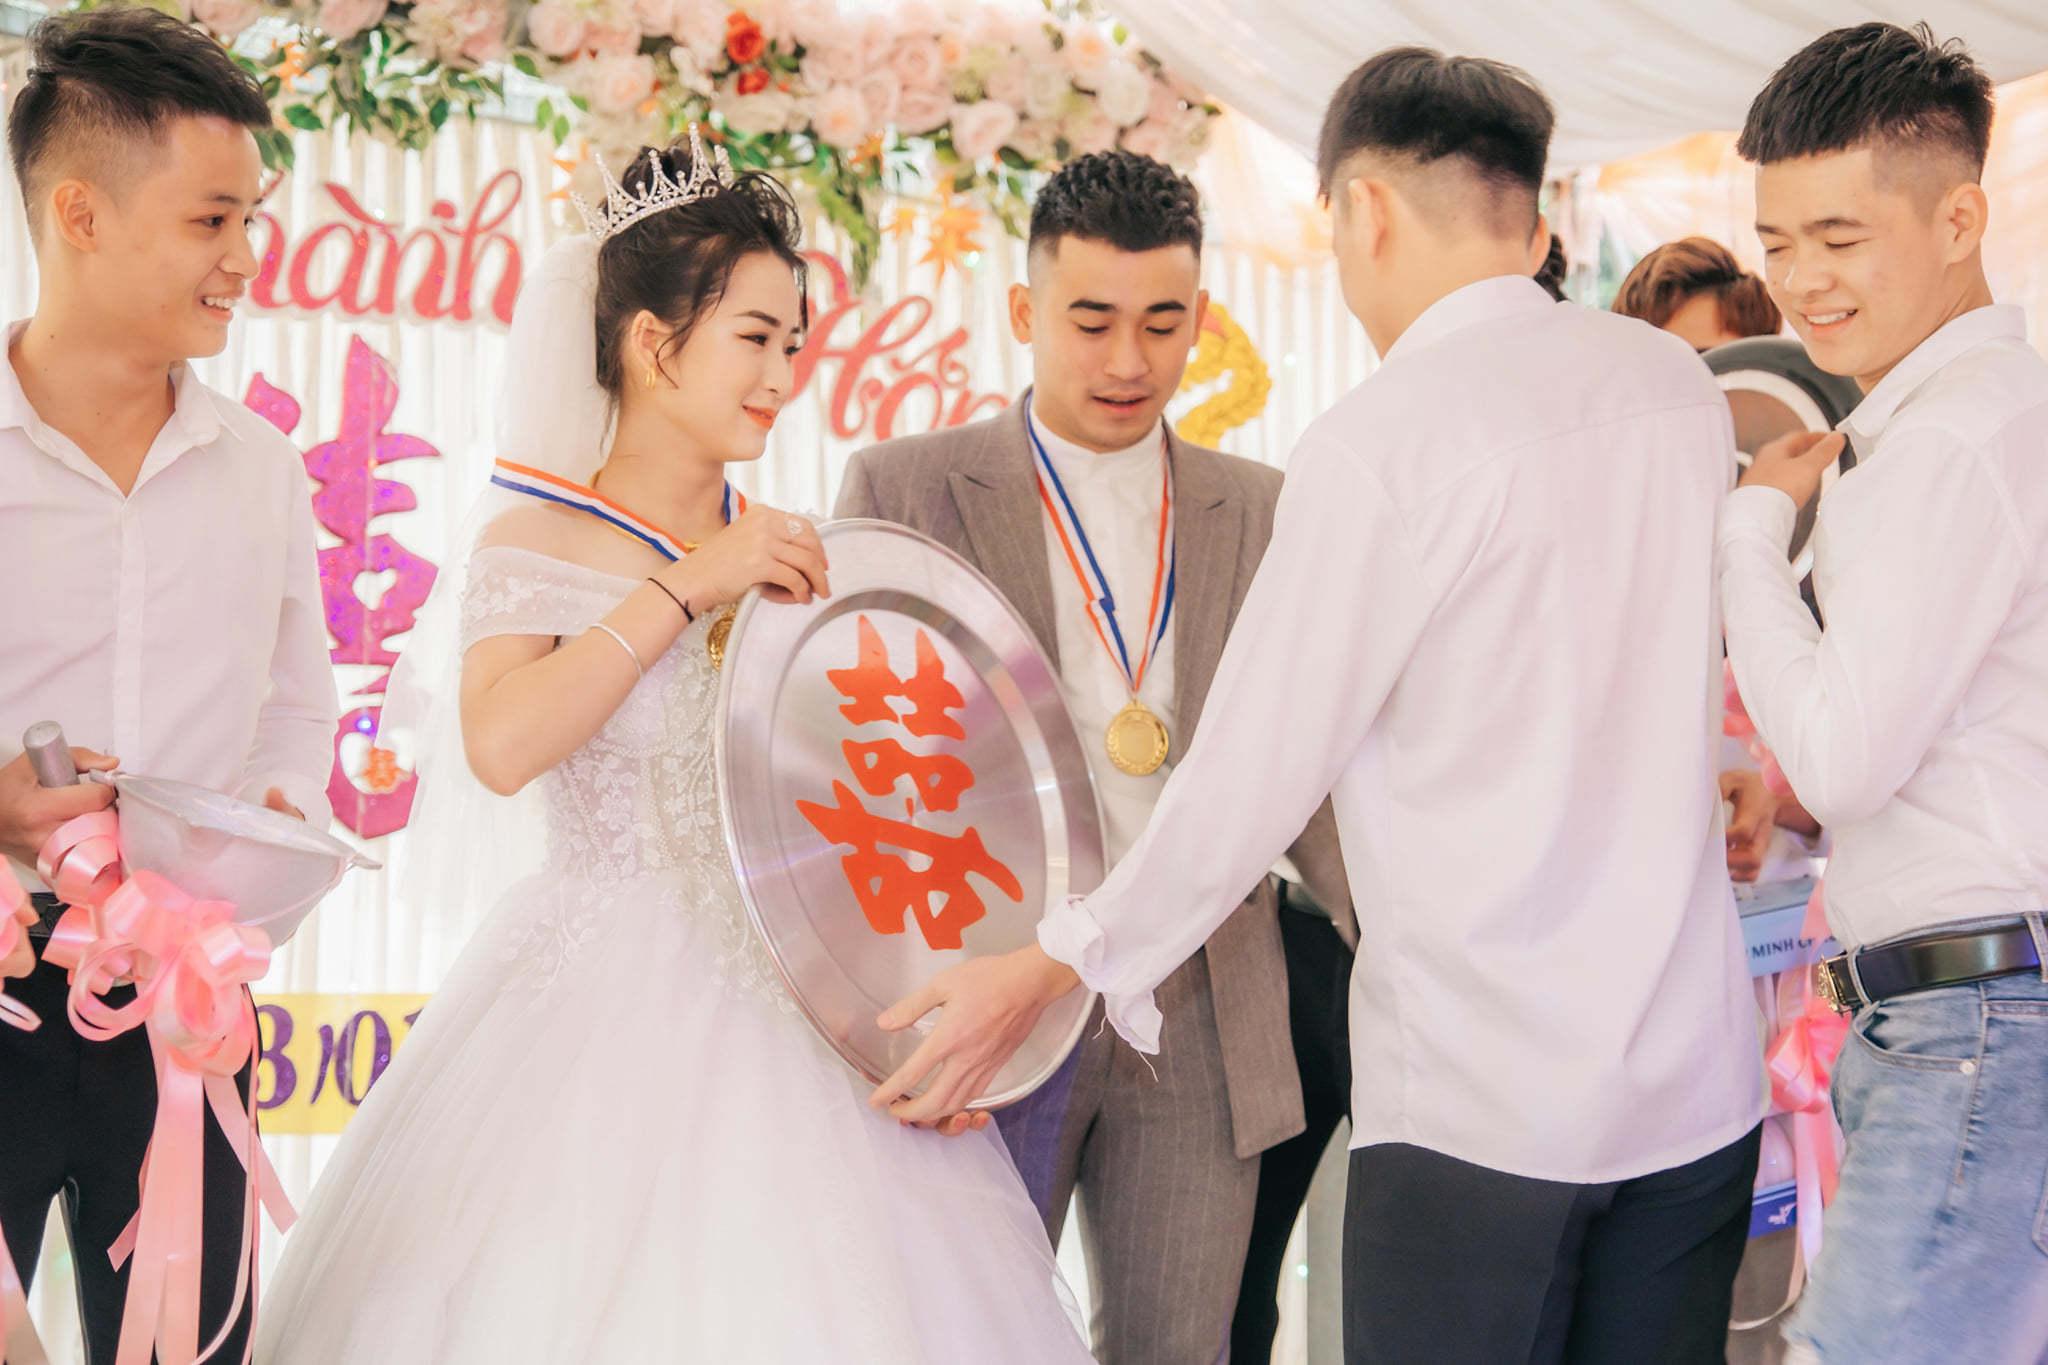 Hội bạn thân 'siêu lầy' mang quà cưới huy chương vàng đến tặng cô dâu chú rể